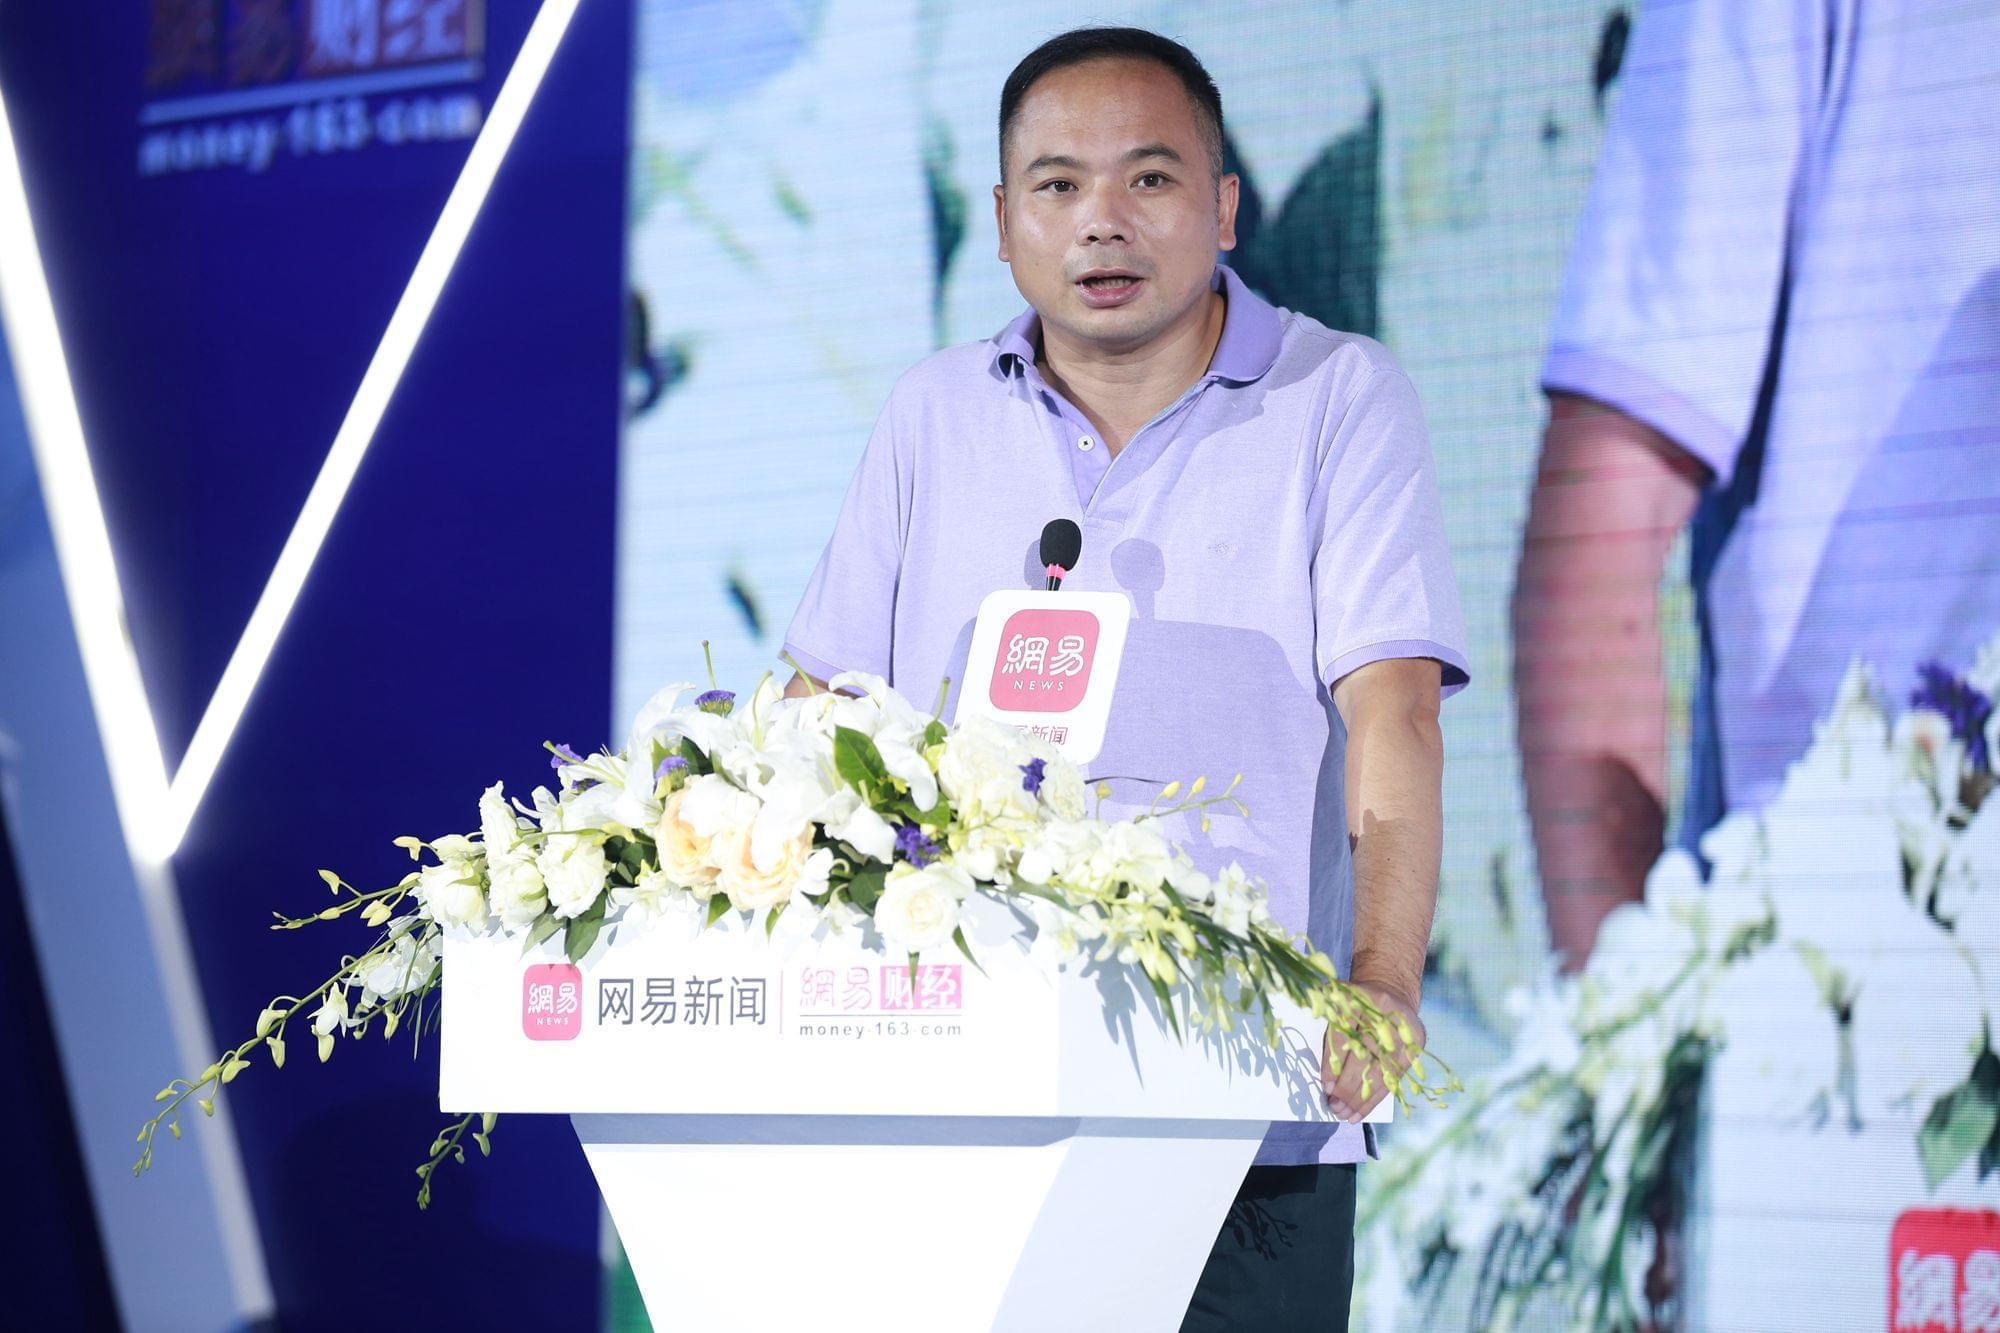 """刘煜辉:A股的""""白马股""""虽然赚钱 但不是特别漂亮"""